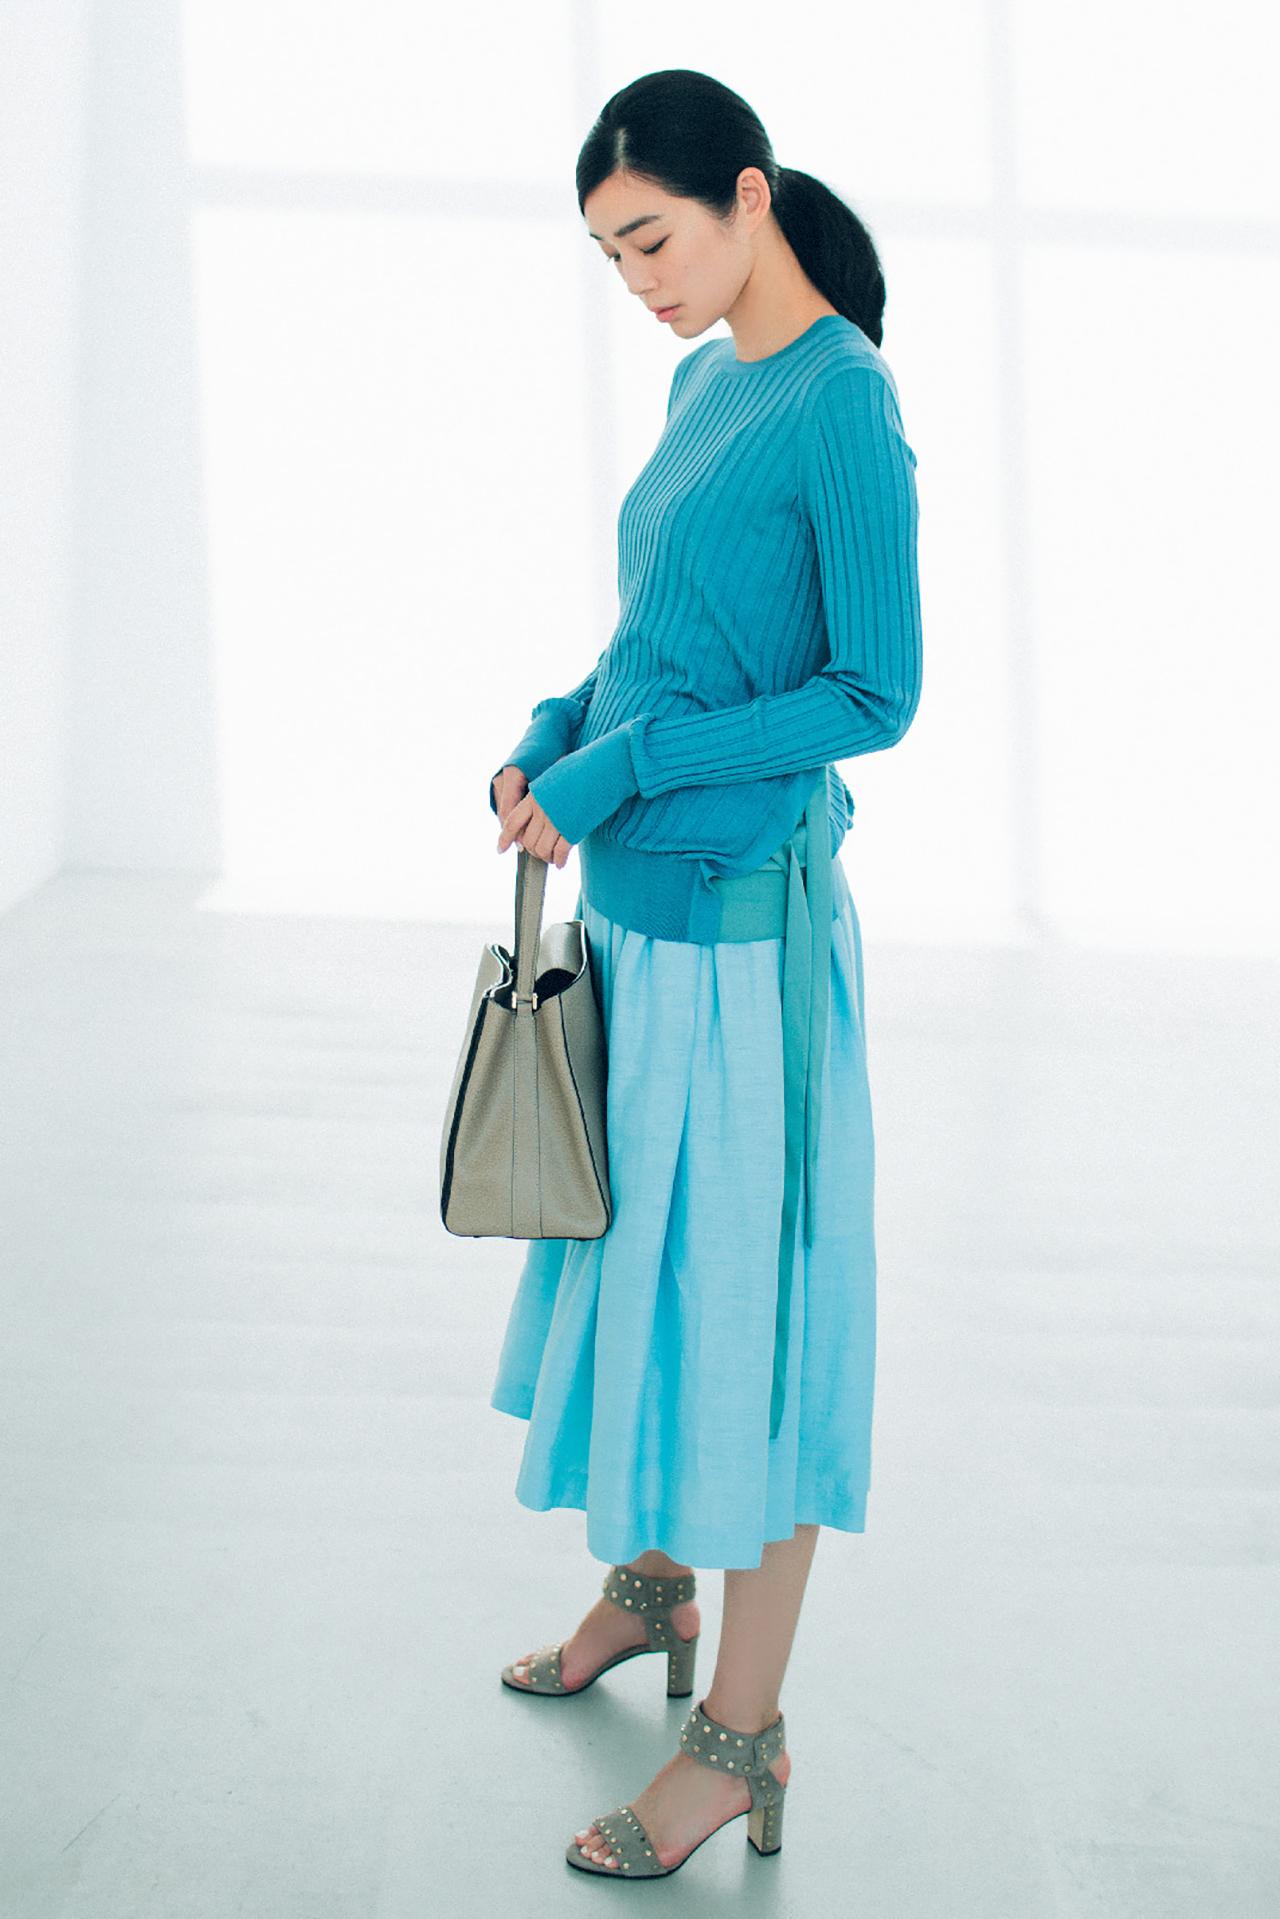 ブルーのスカートは、涼やかな美人感で360度好感度! 五選_1_1-2